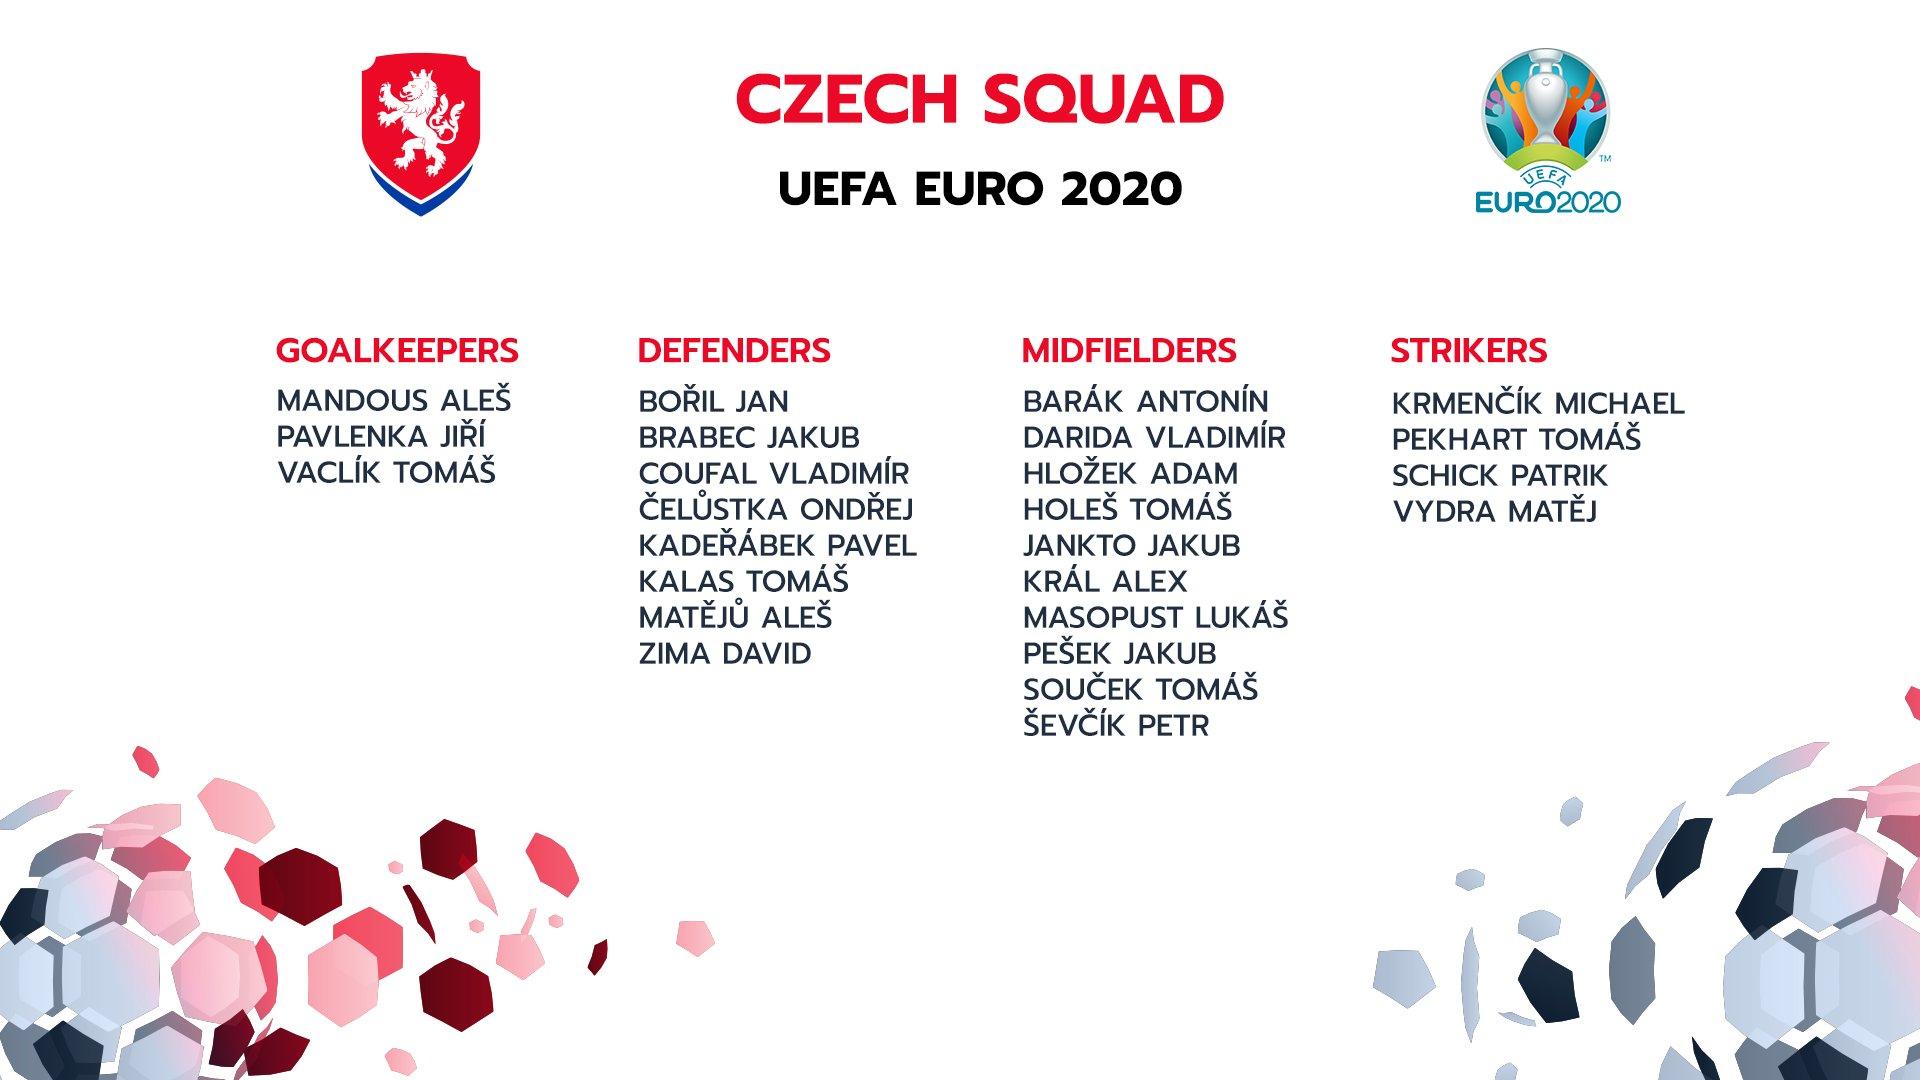 捷克欧洲杯大名单:绍切克&希克领衔,巴拉克&扬克托入选